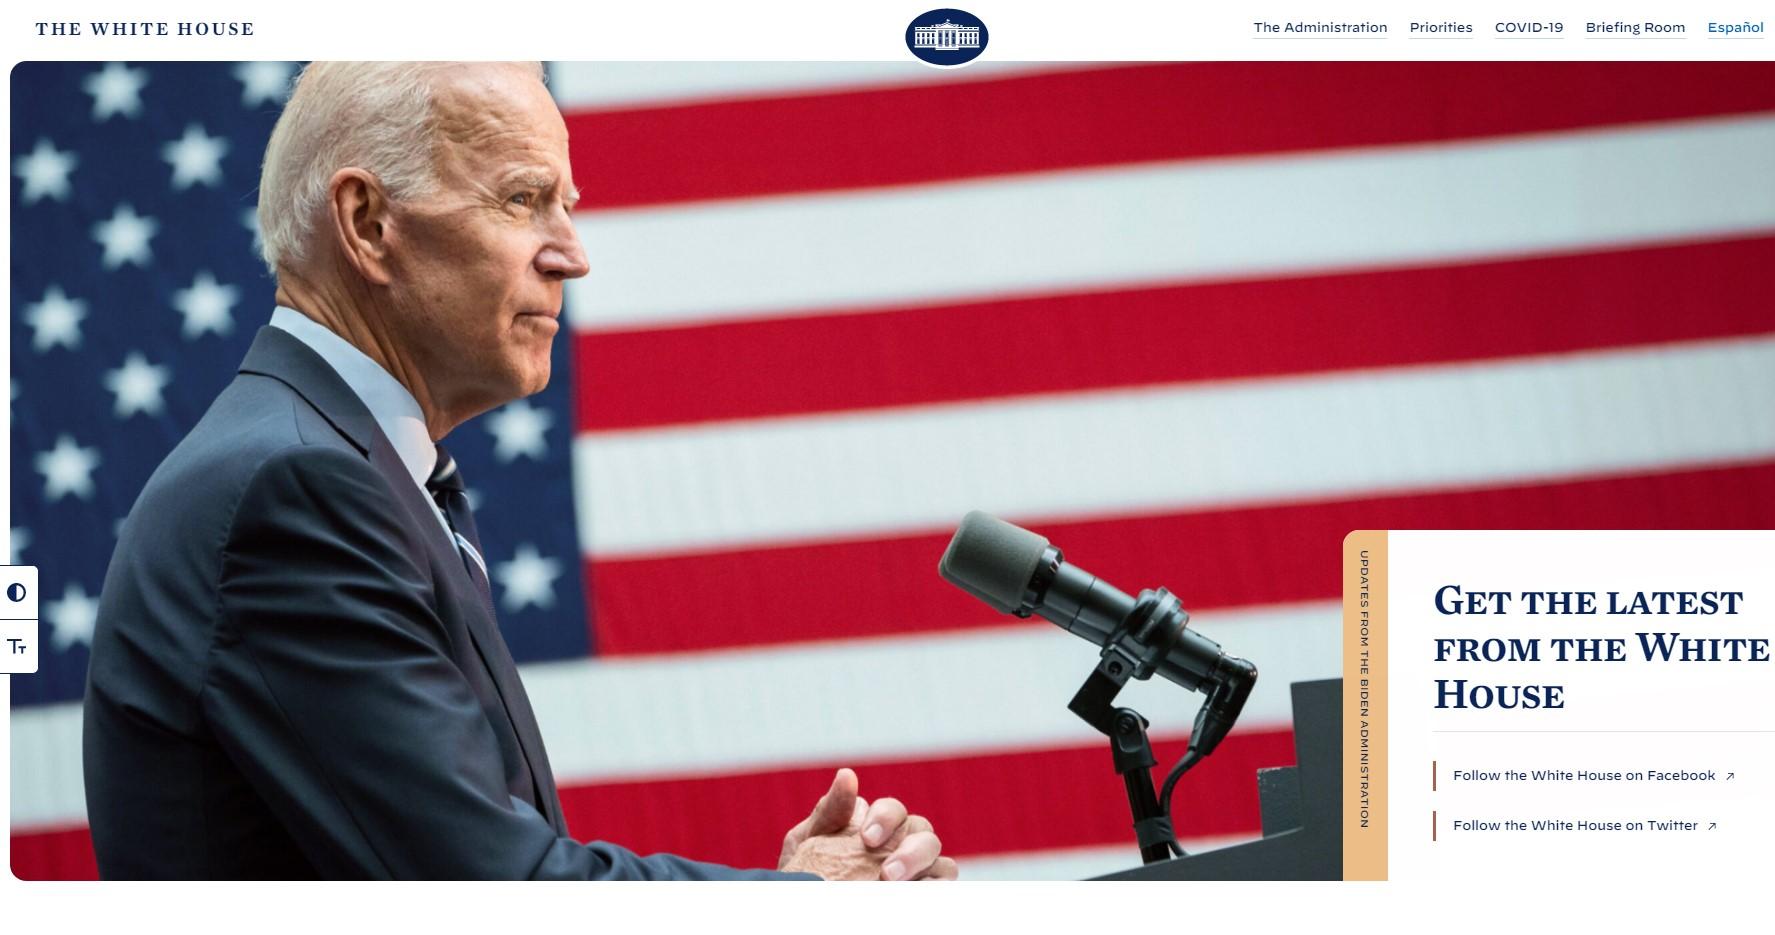 Mesajul ascuns de Biden în codul site-ului relansat al Casei Albe